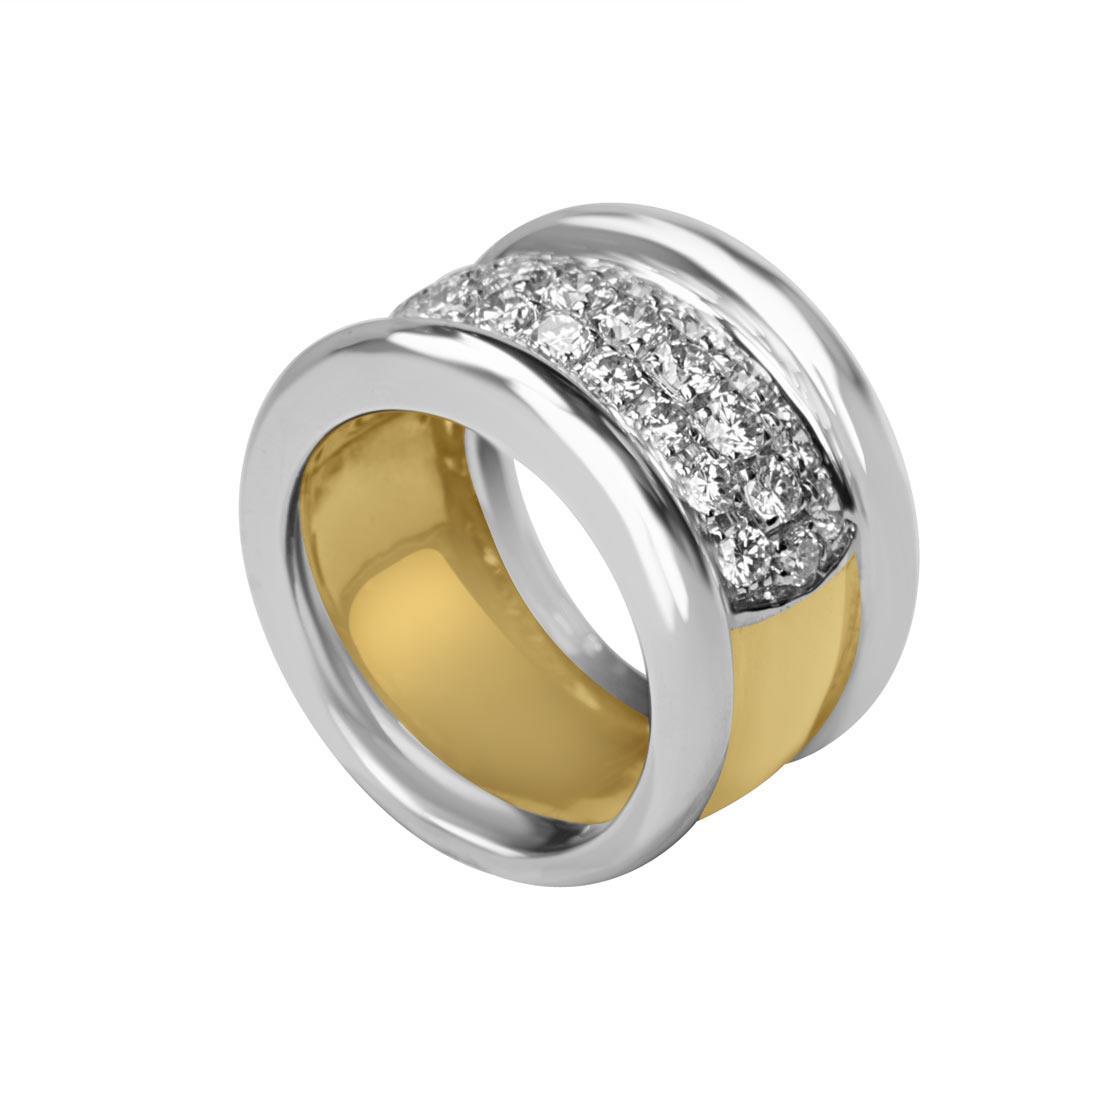 Anello a fascia in oro bianco e giallo con pavé di diamanti mis 15 - ORO&CO